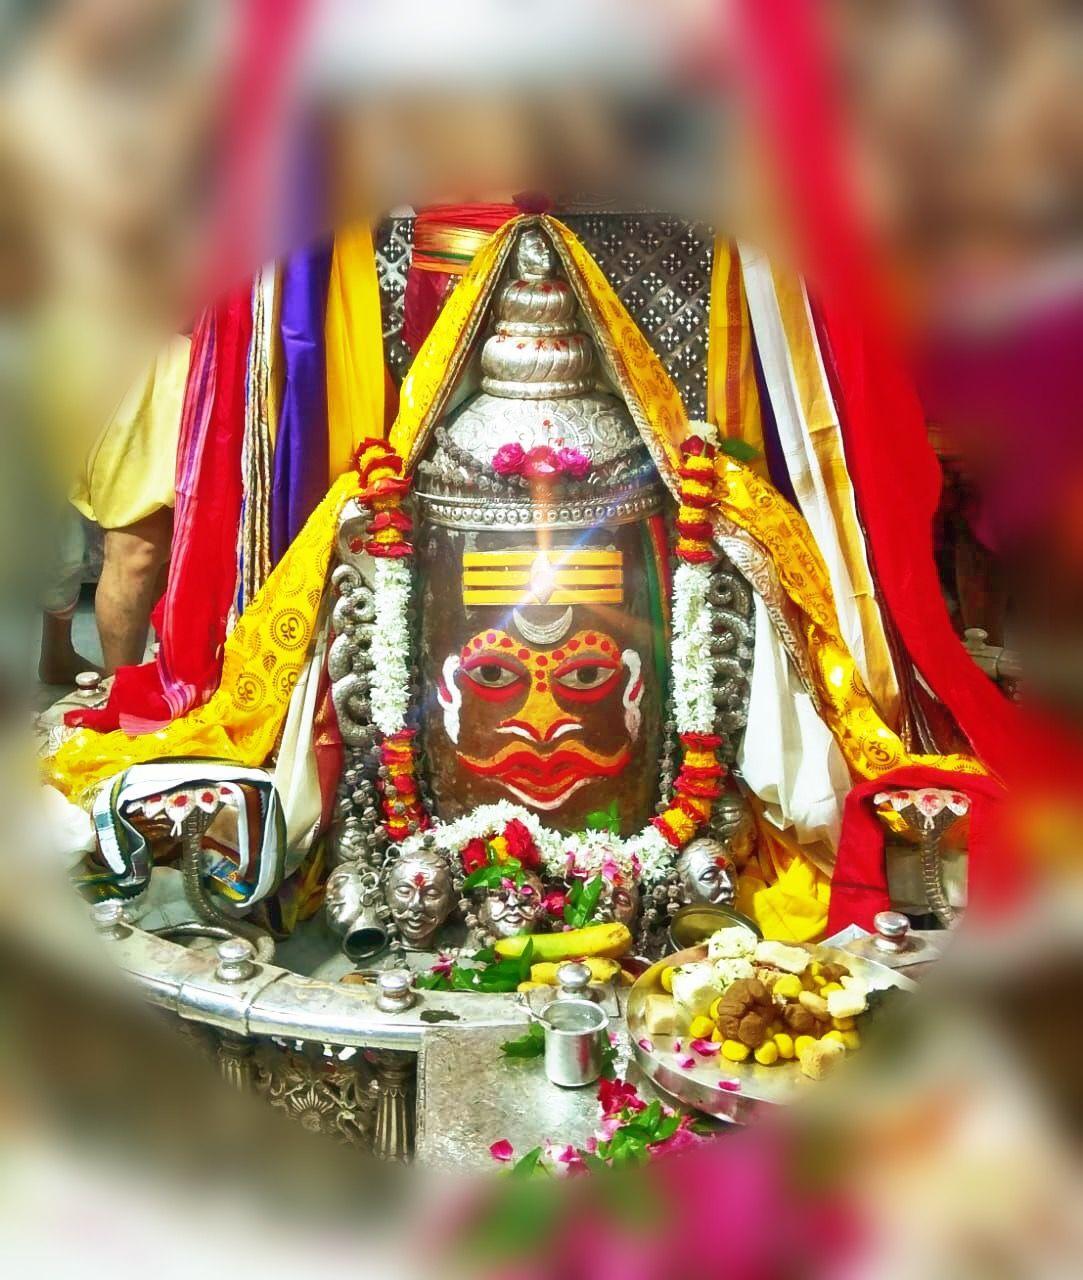 Pin by suggunnirmala on Har har Mahadev Morning prayers